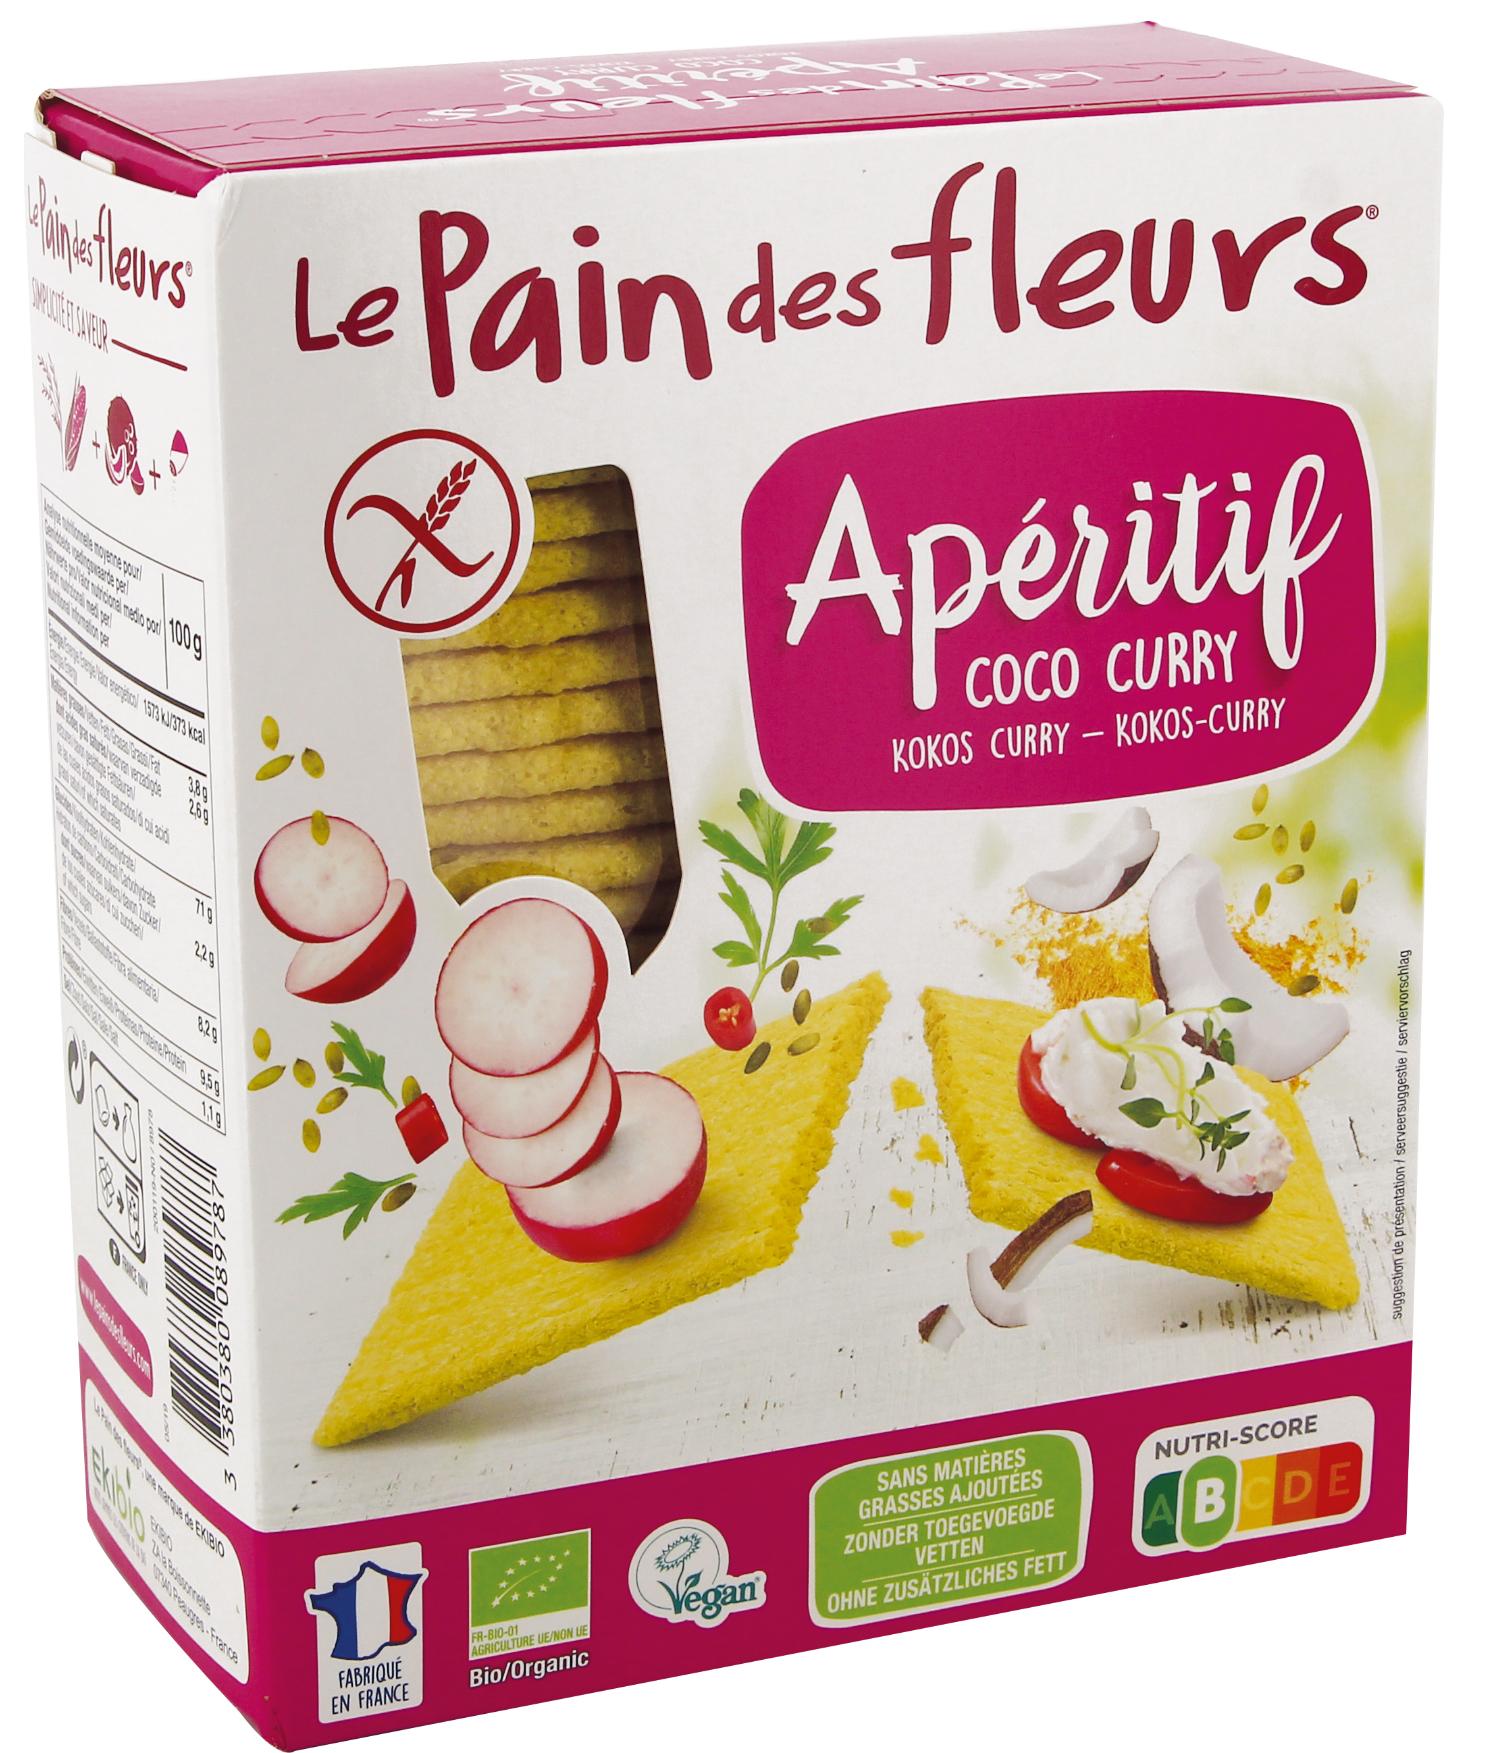 lpdf 8978 tartines craquantes apero coco curry 150g 2019 - Un apéritif 100% bio avec le Pain des fleurs